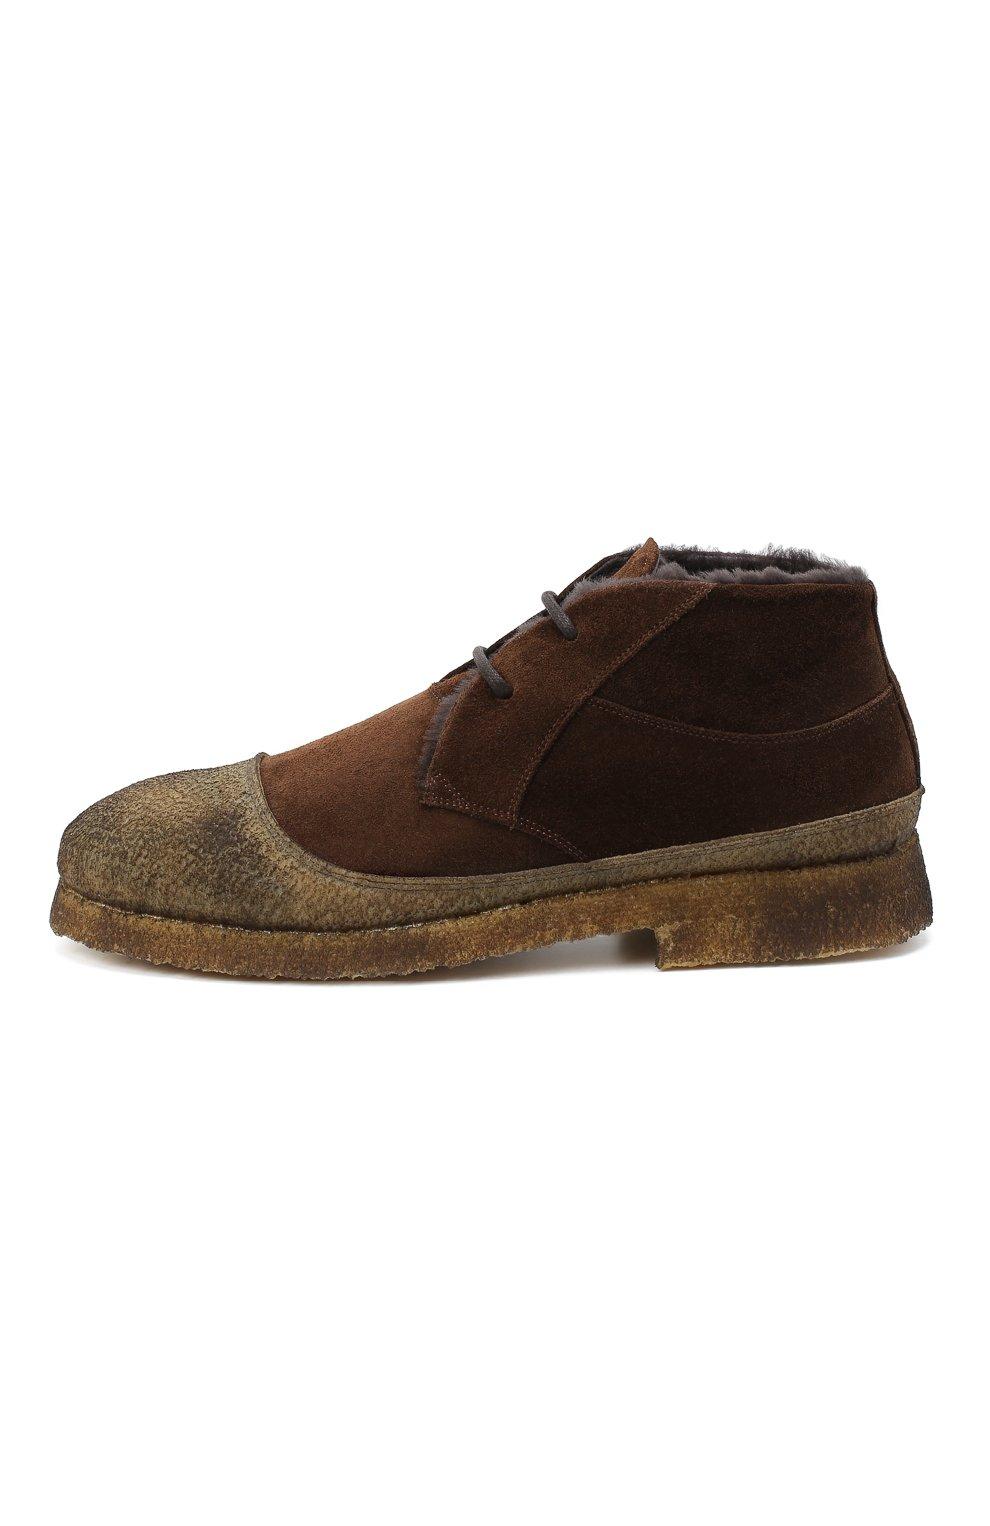 Мужские комбинированные ботинки ROCCO P. темно-коричневого цвета, арт. 9300/SENS0RY | Фото 3